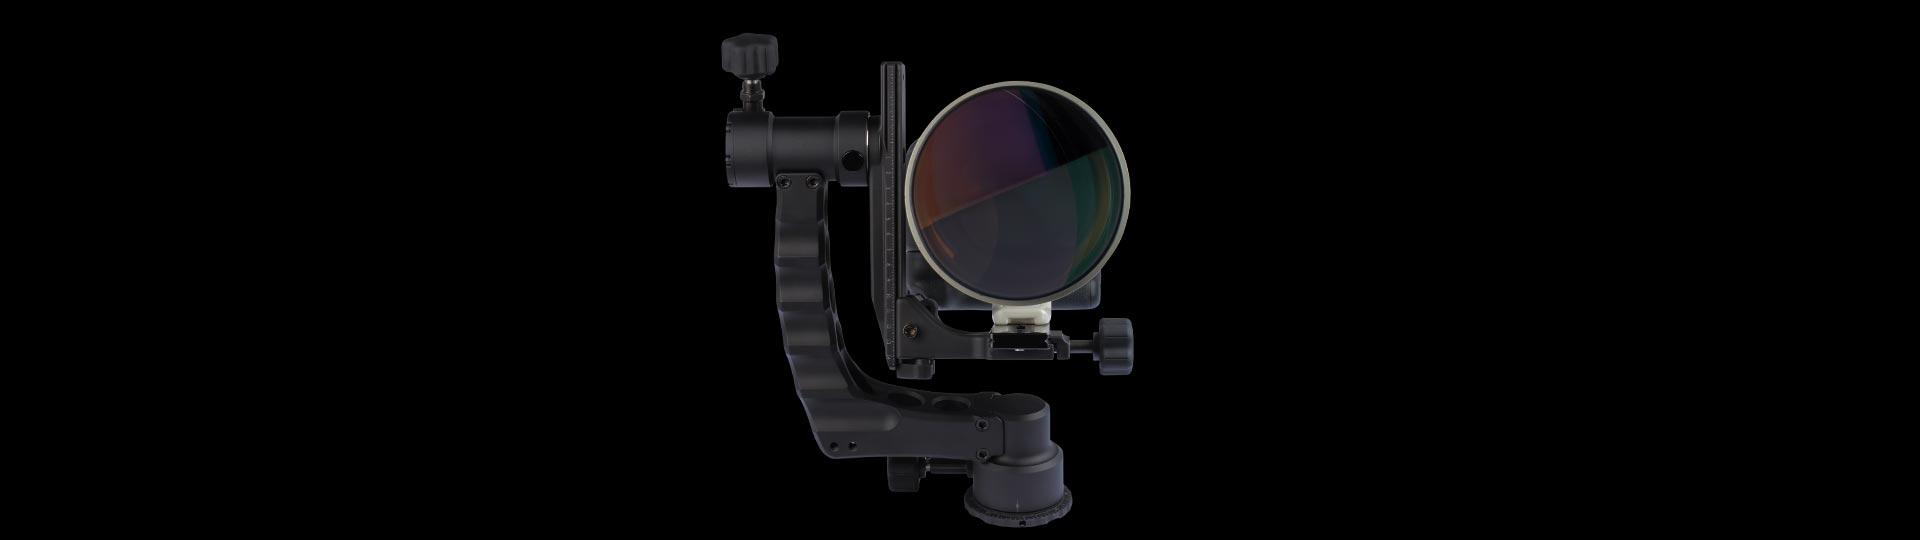 Katana Gimbal Head for Tripods Telephoto Lenses Canon Nikon Sony Made in USA